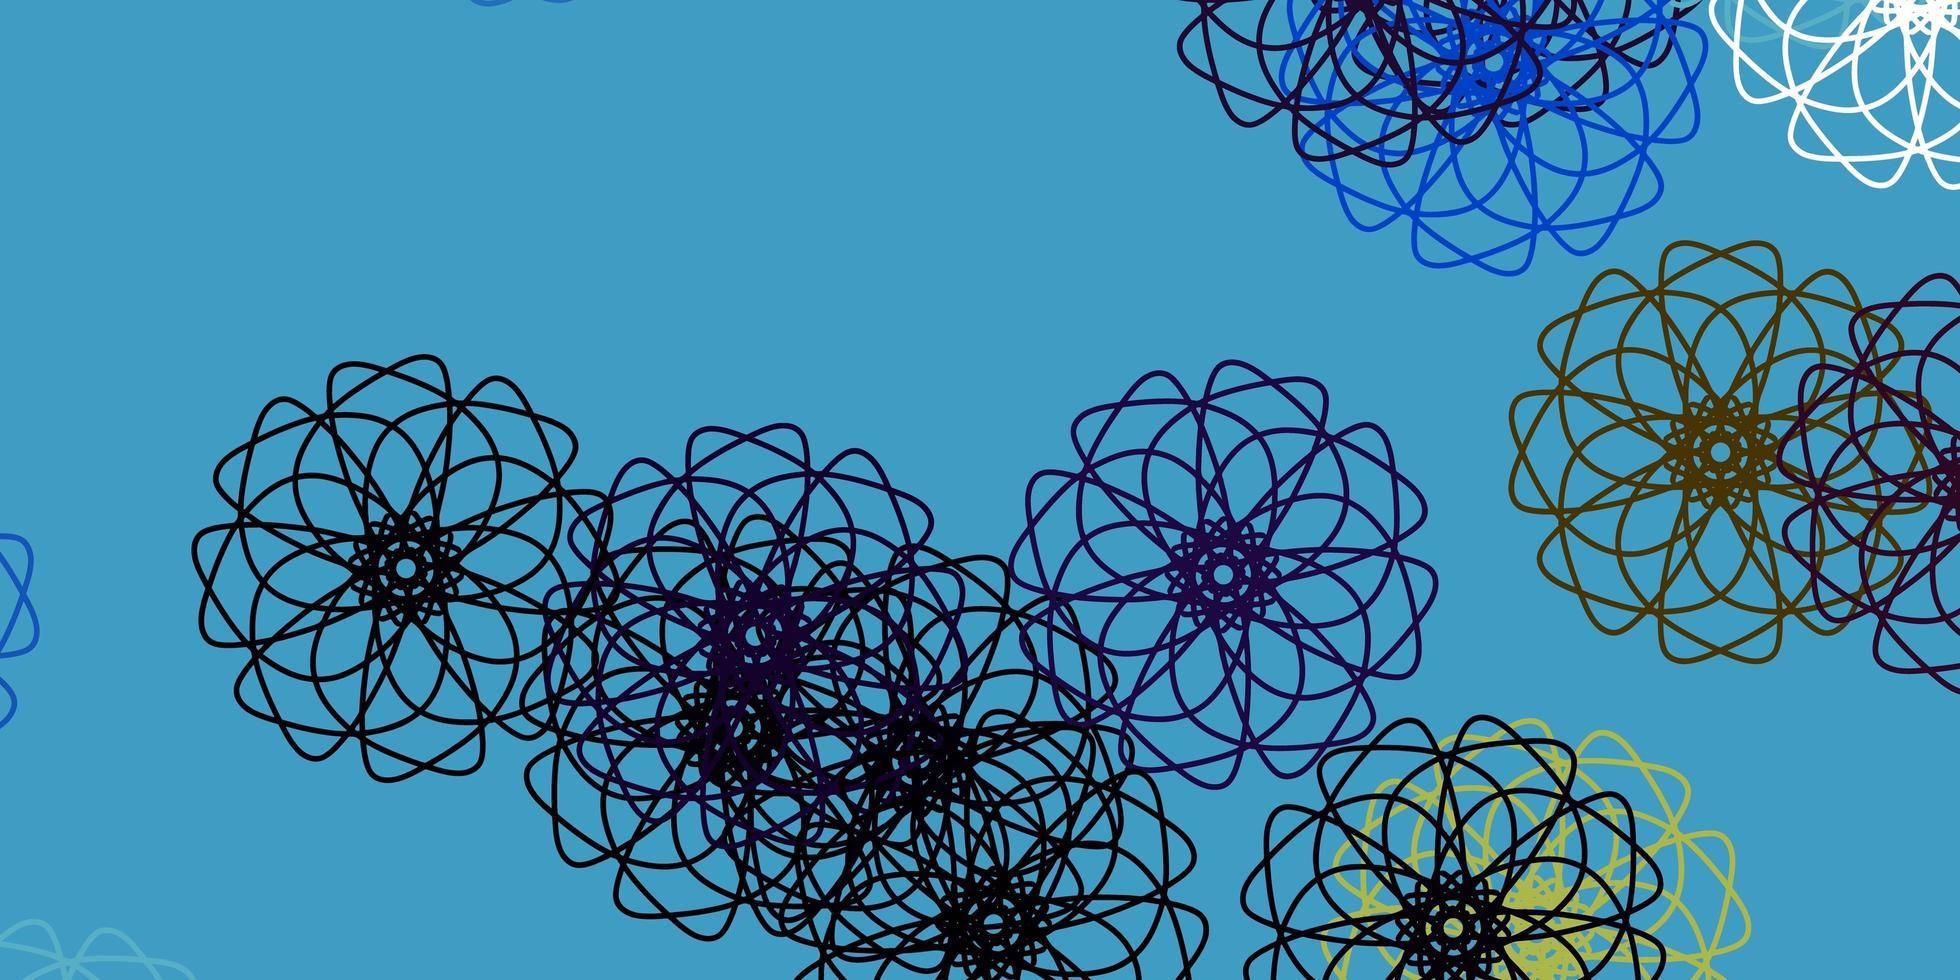 lichtblauw, geel vector doodle sjabloon met bloemen.